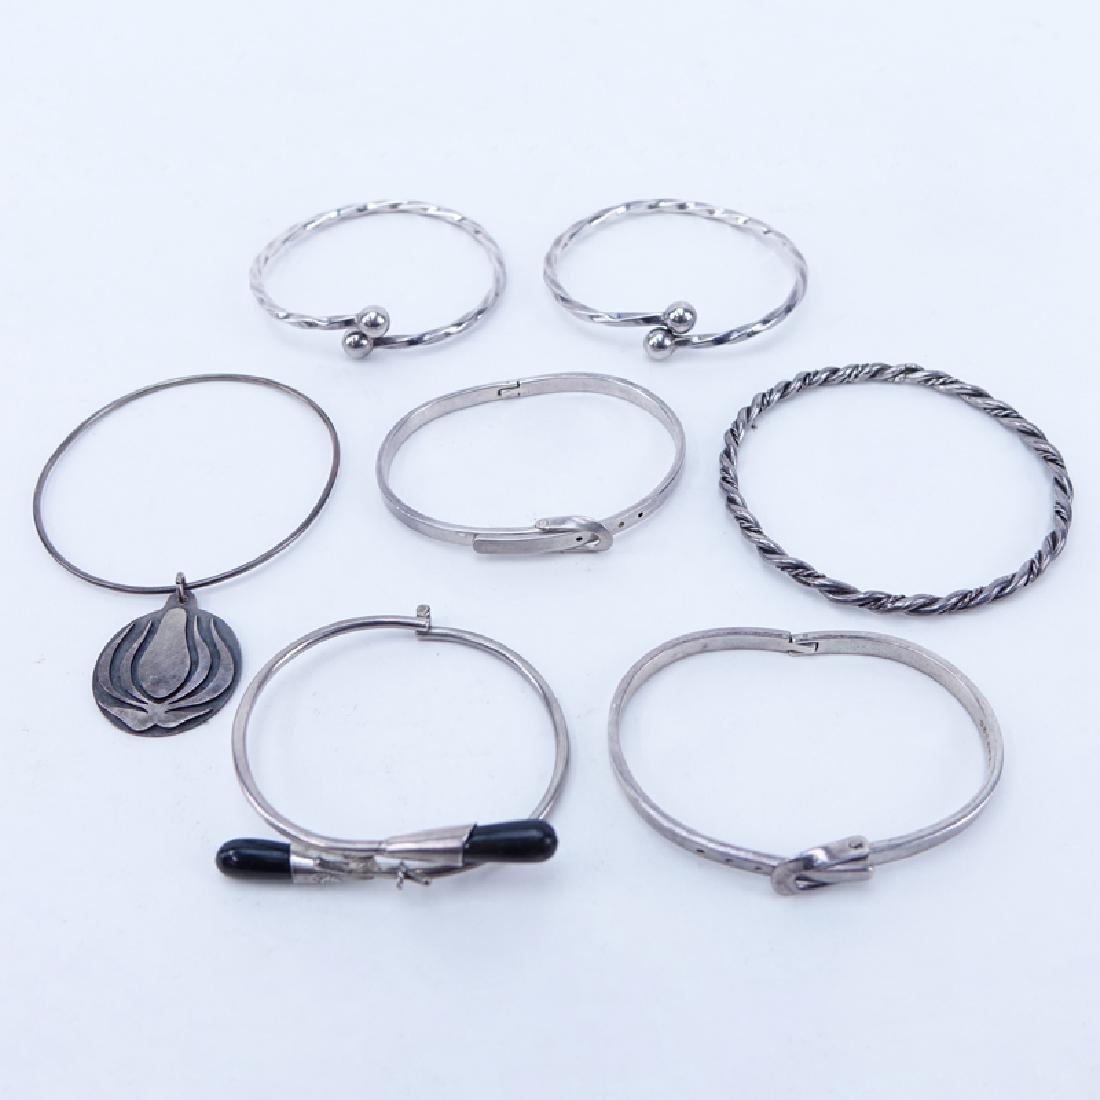 Lot of Seven (7) Vintage Sterling Silver Bracelets. All